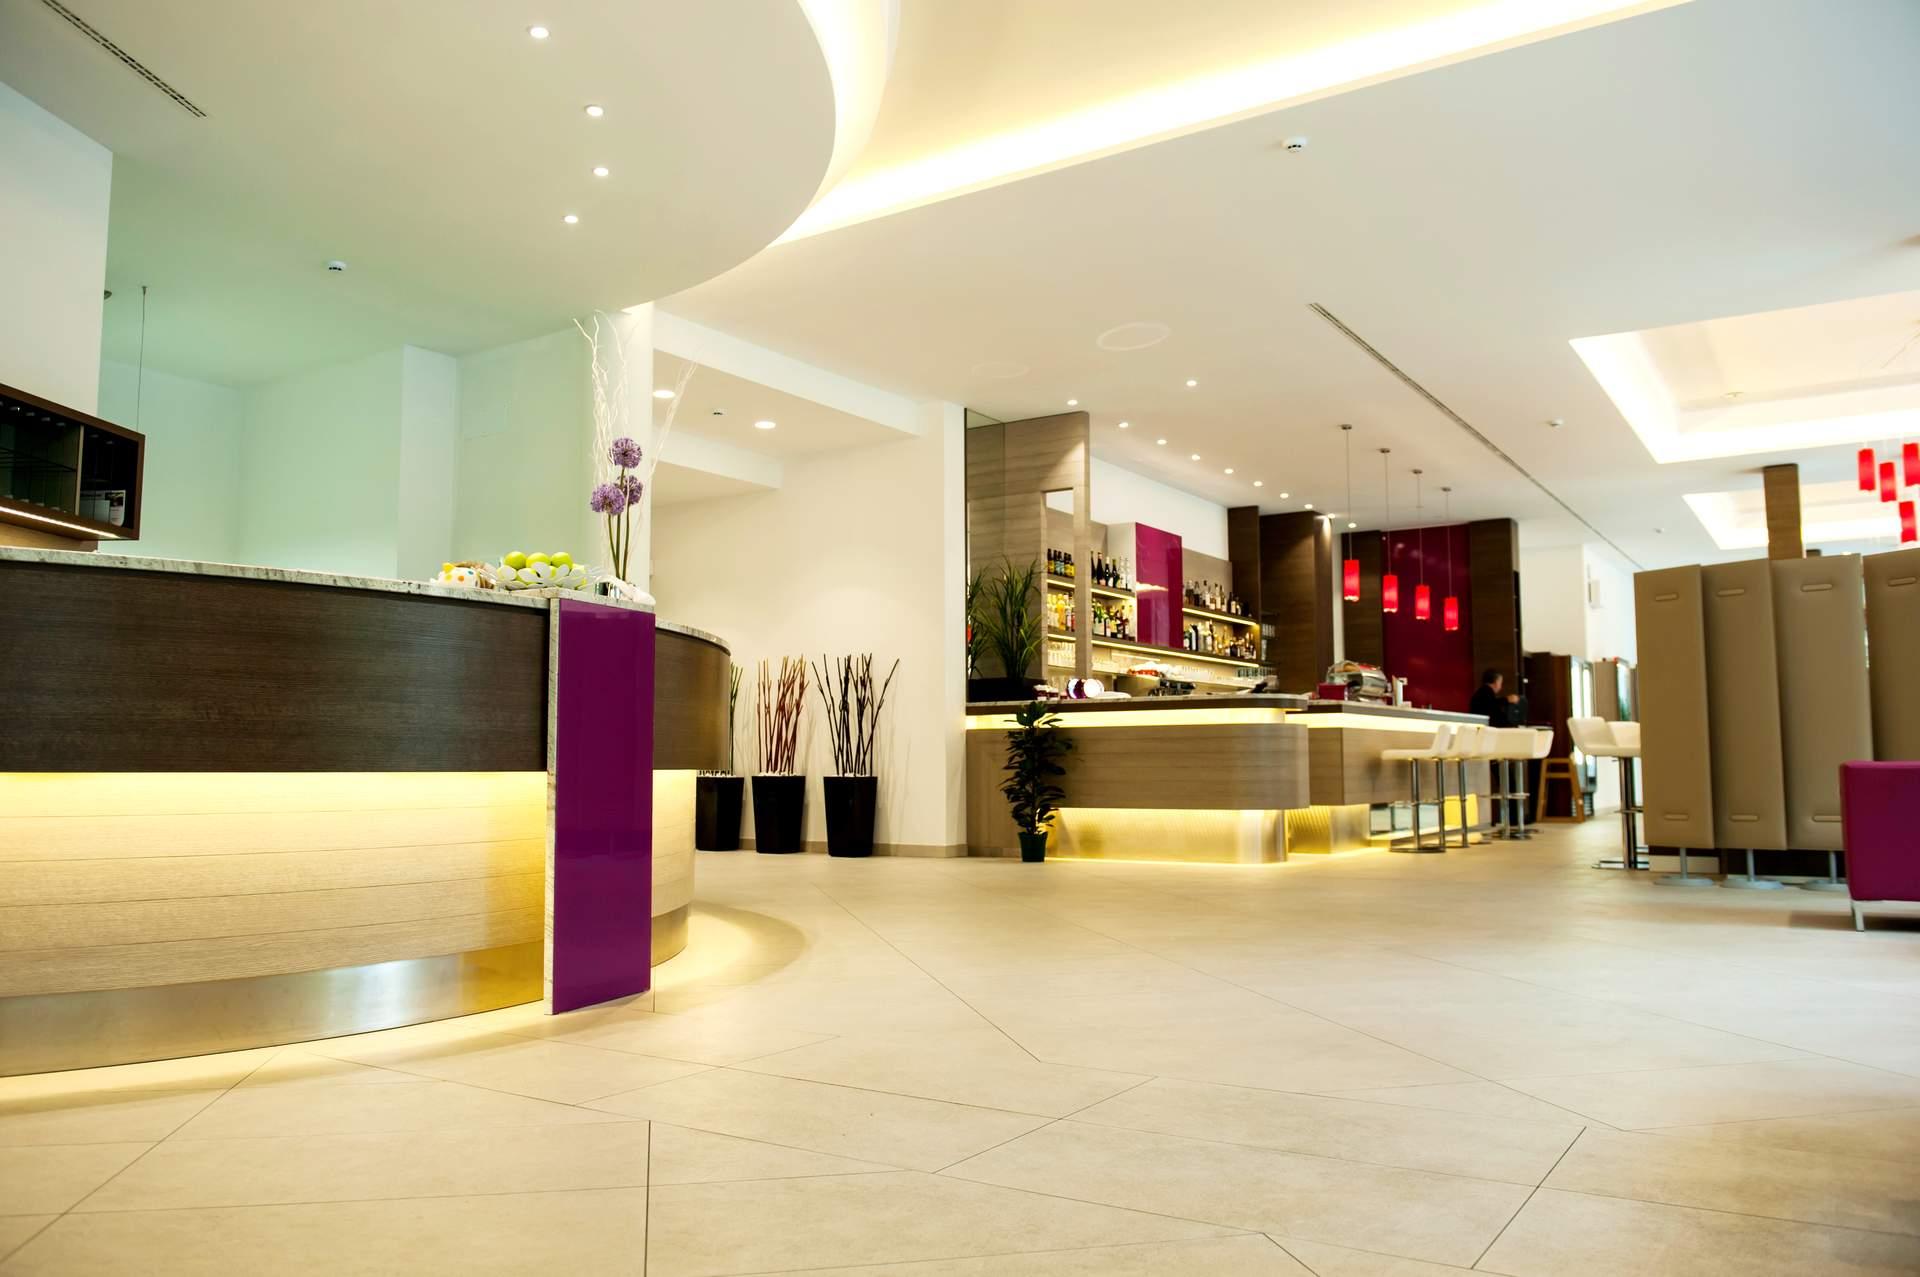 City Hotel Merano Lobby